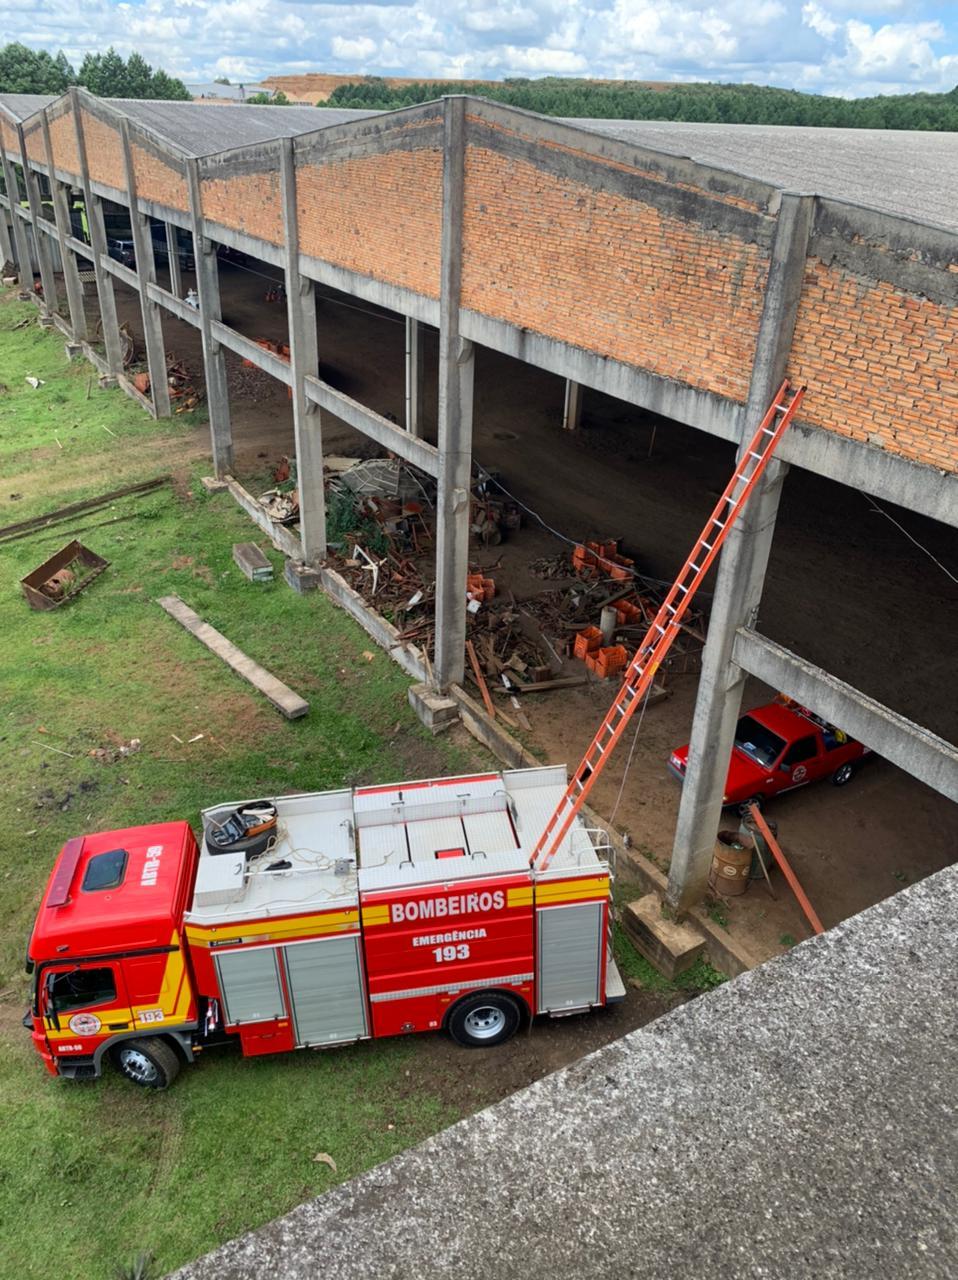 Gato é resgatado em telhado de galpão com mais de 15 metros de altura - Divulgação/OBM